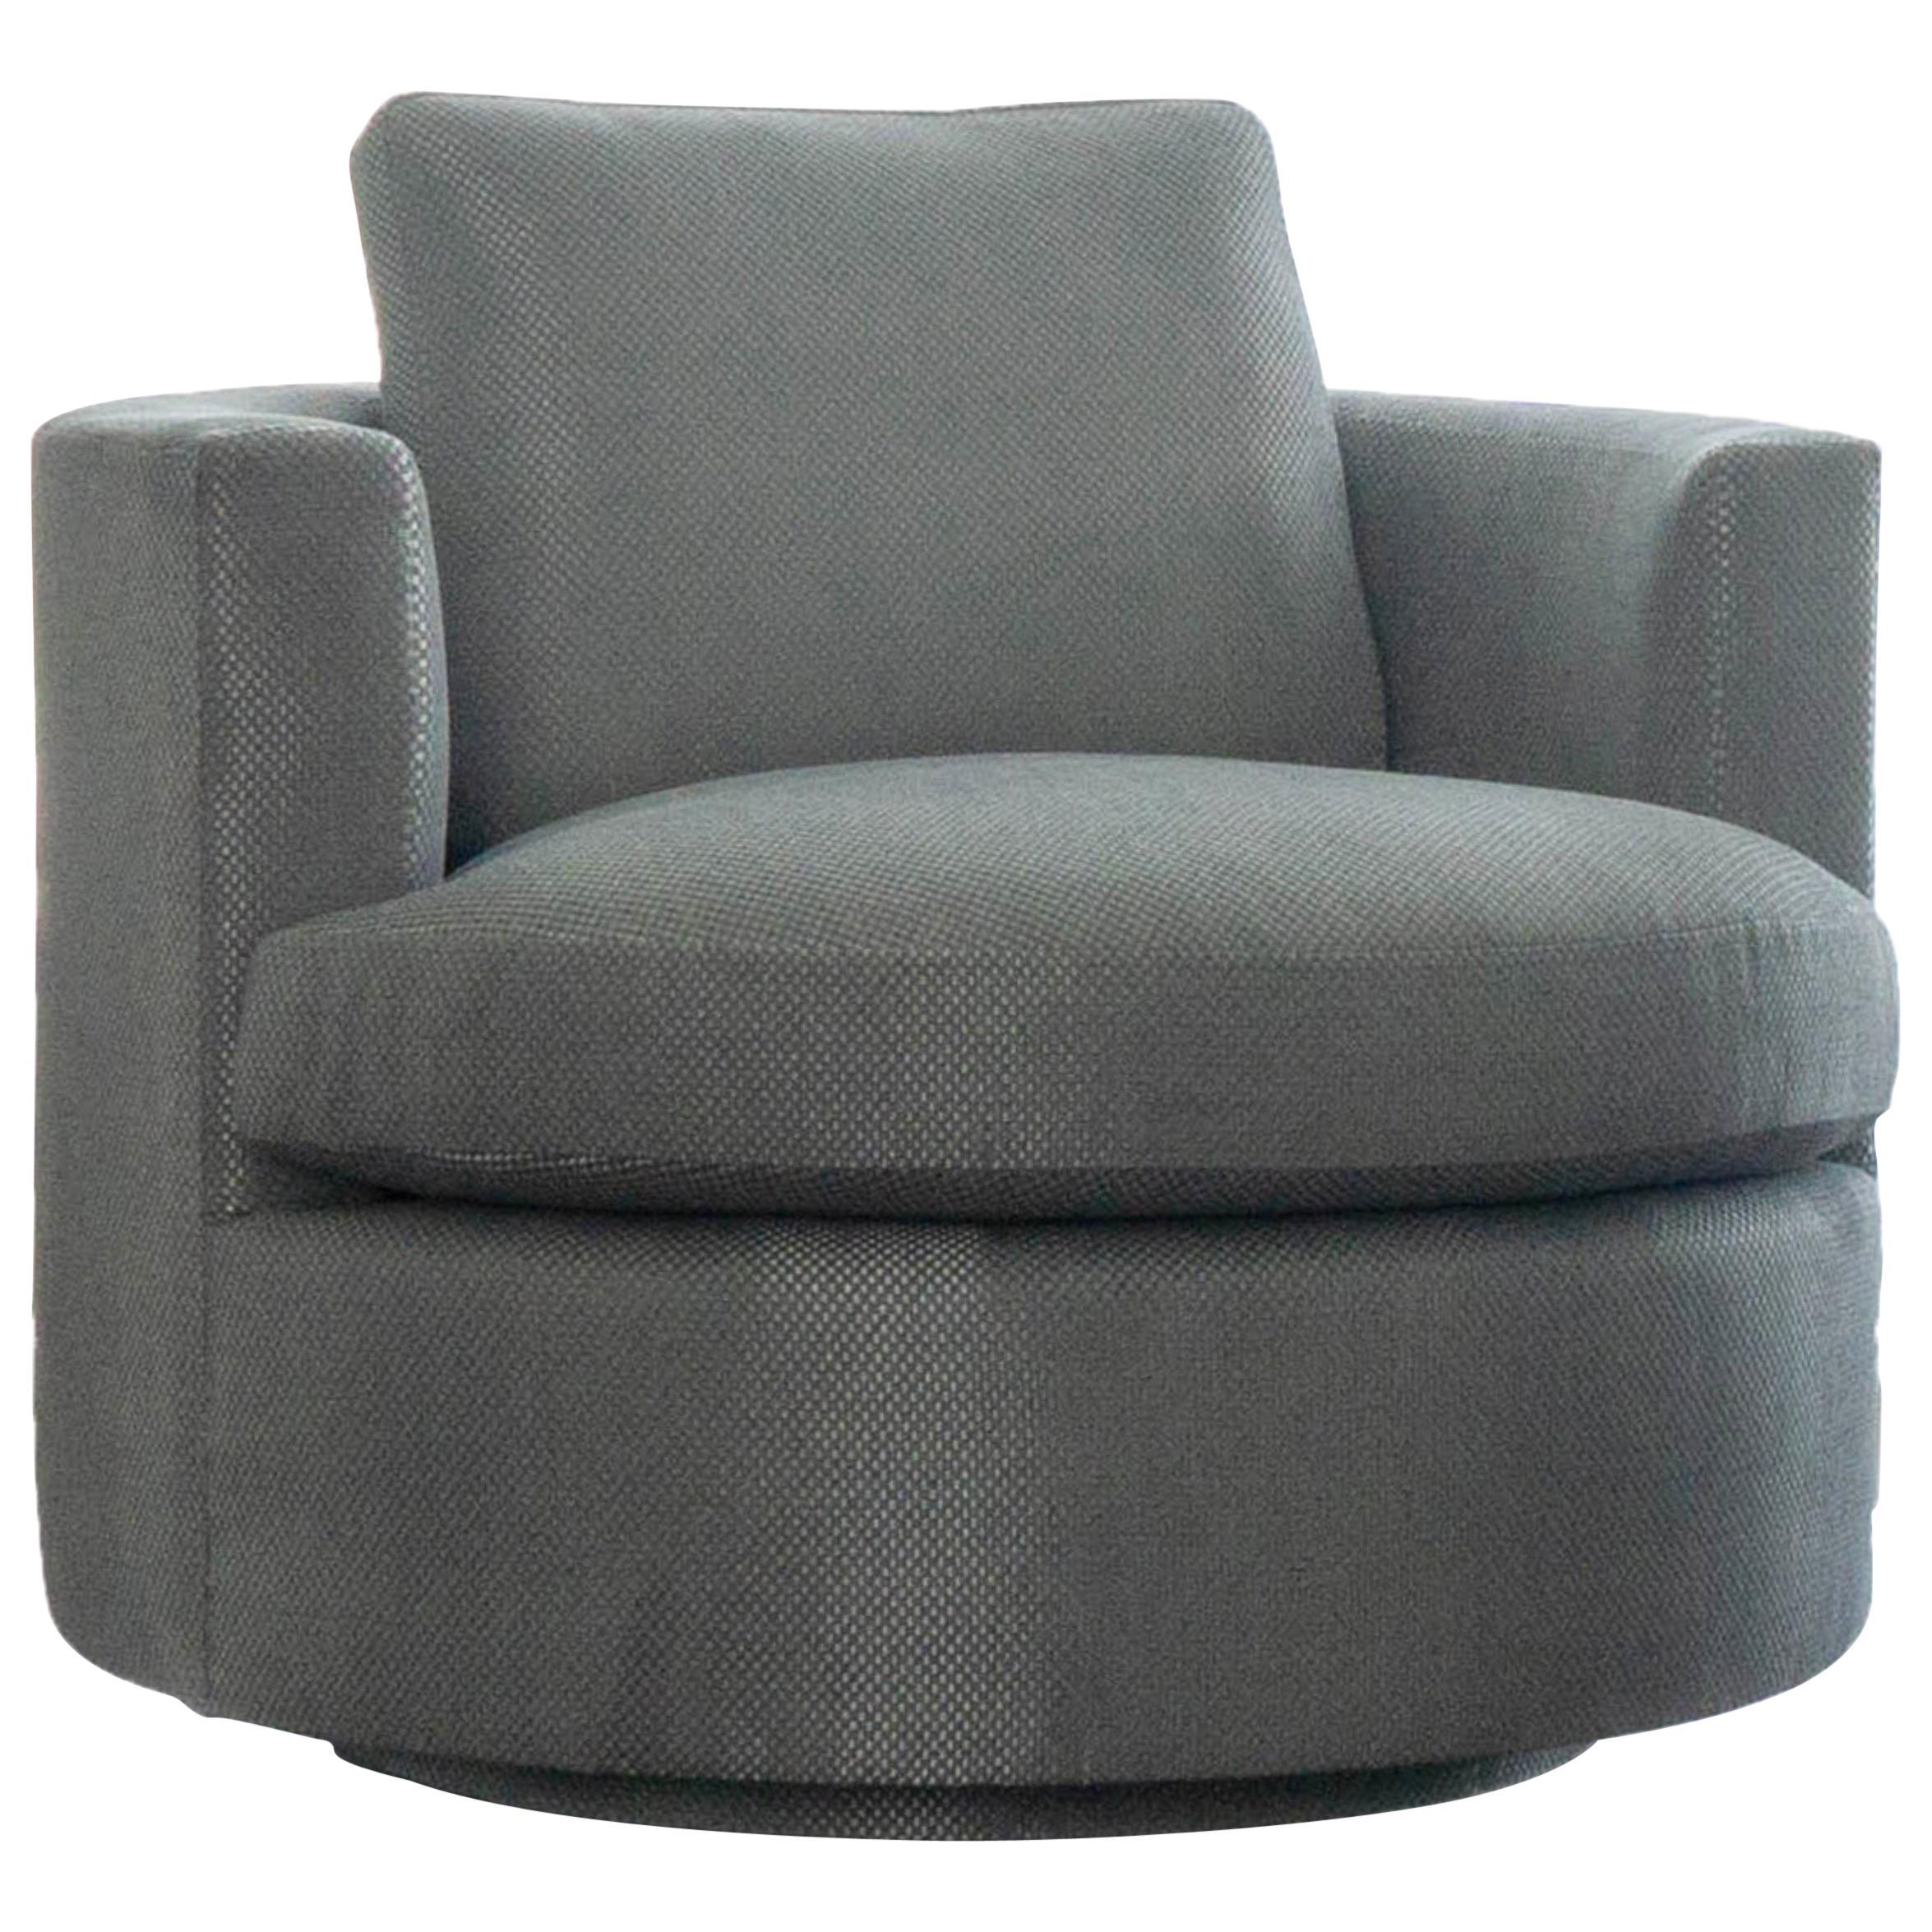 Modern Round Swivel Chair